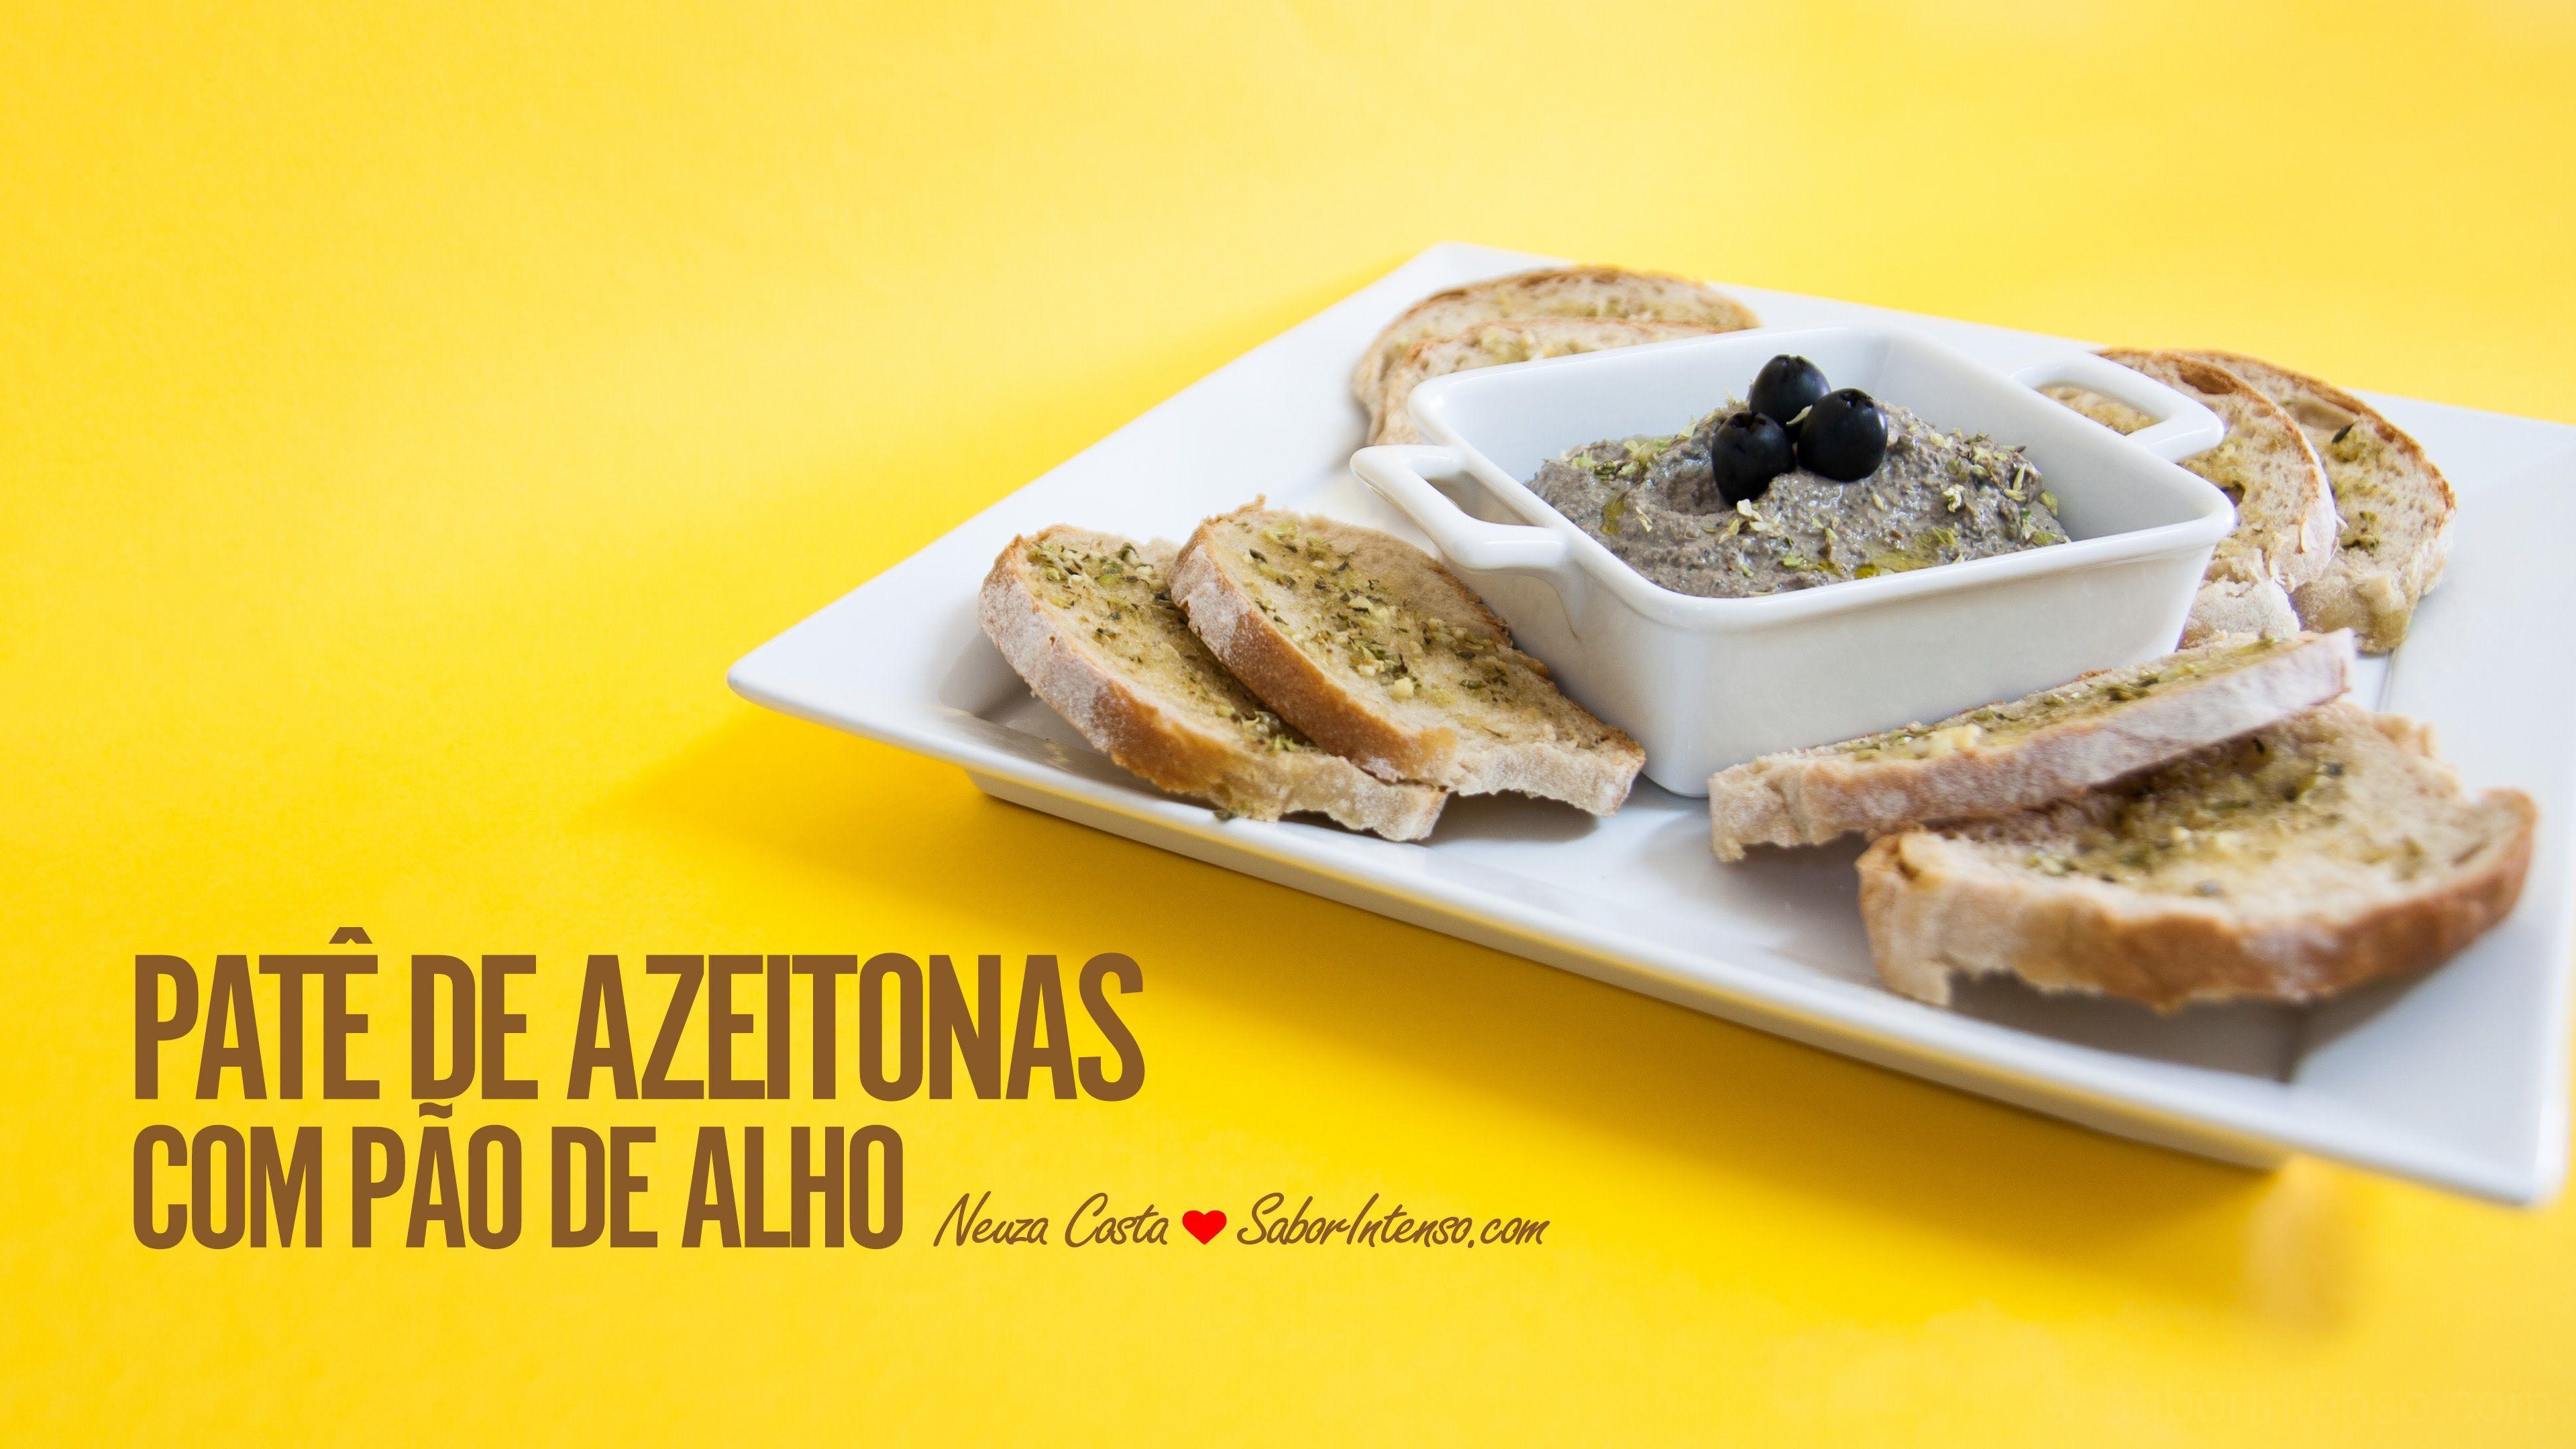 Receita de Patê de Azeitonas com Pão de Alho